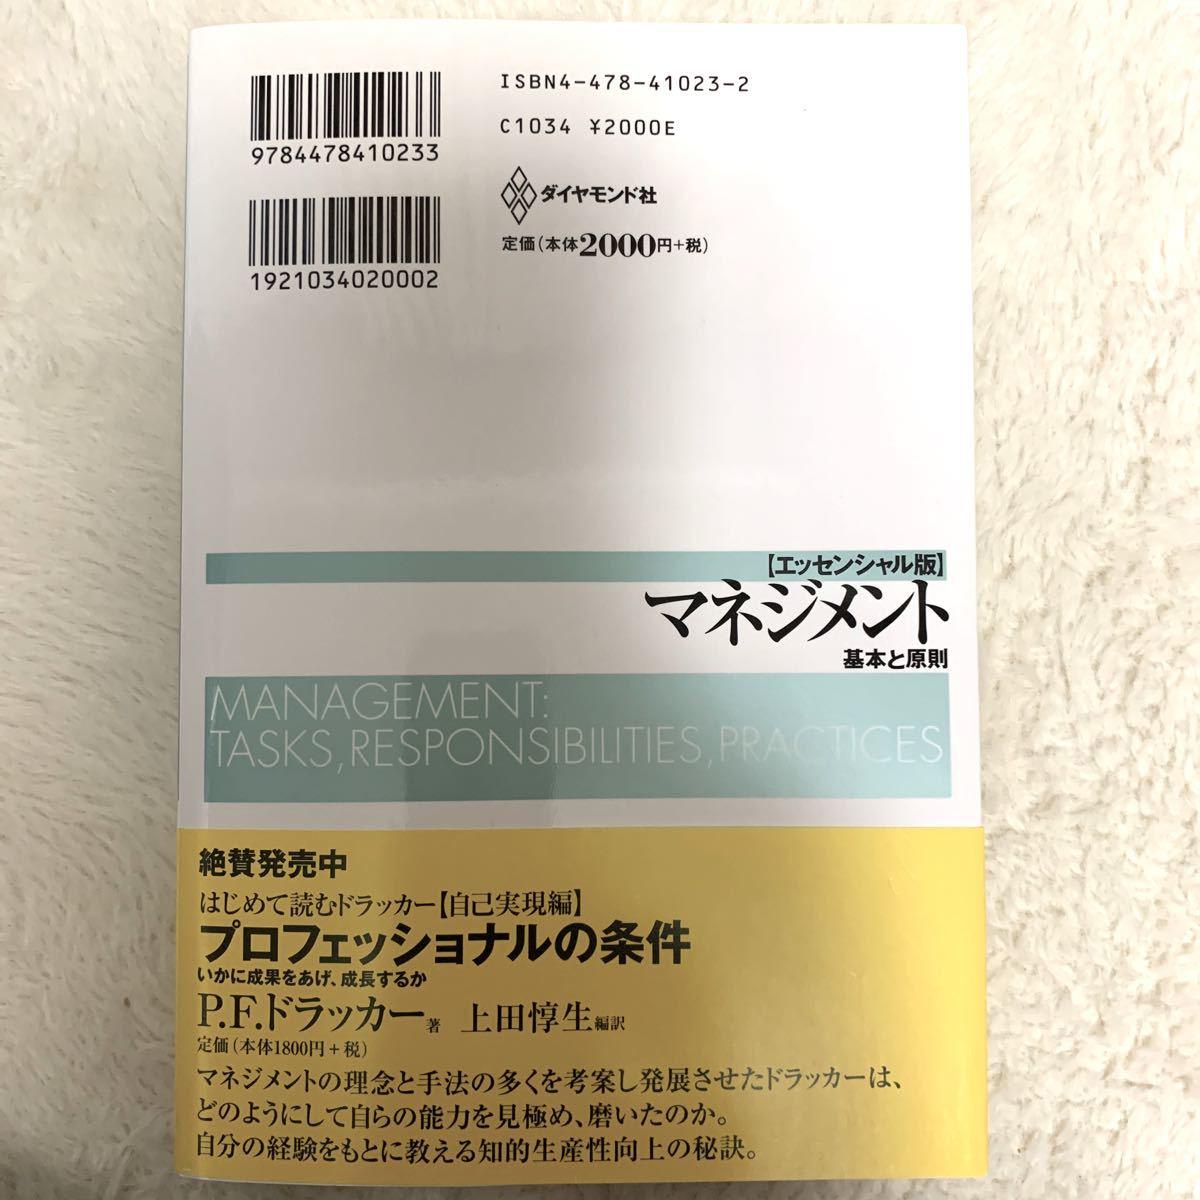 【エッセンシャル版】マネジメント基本と原則